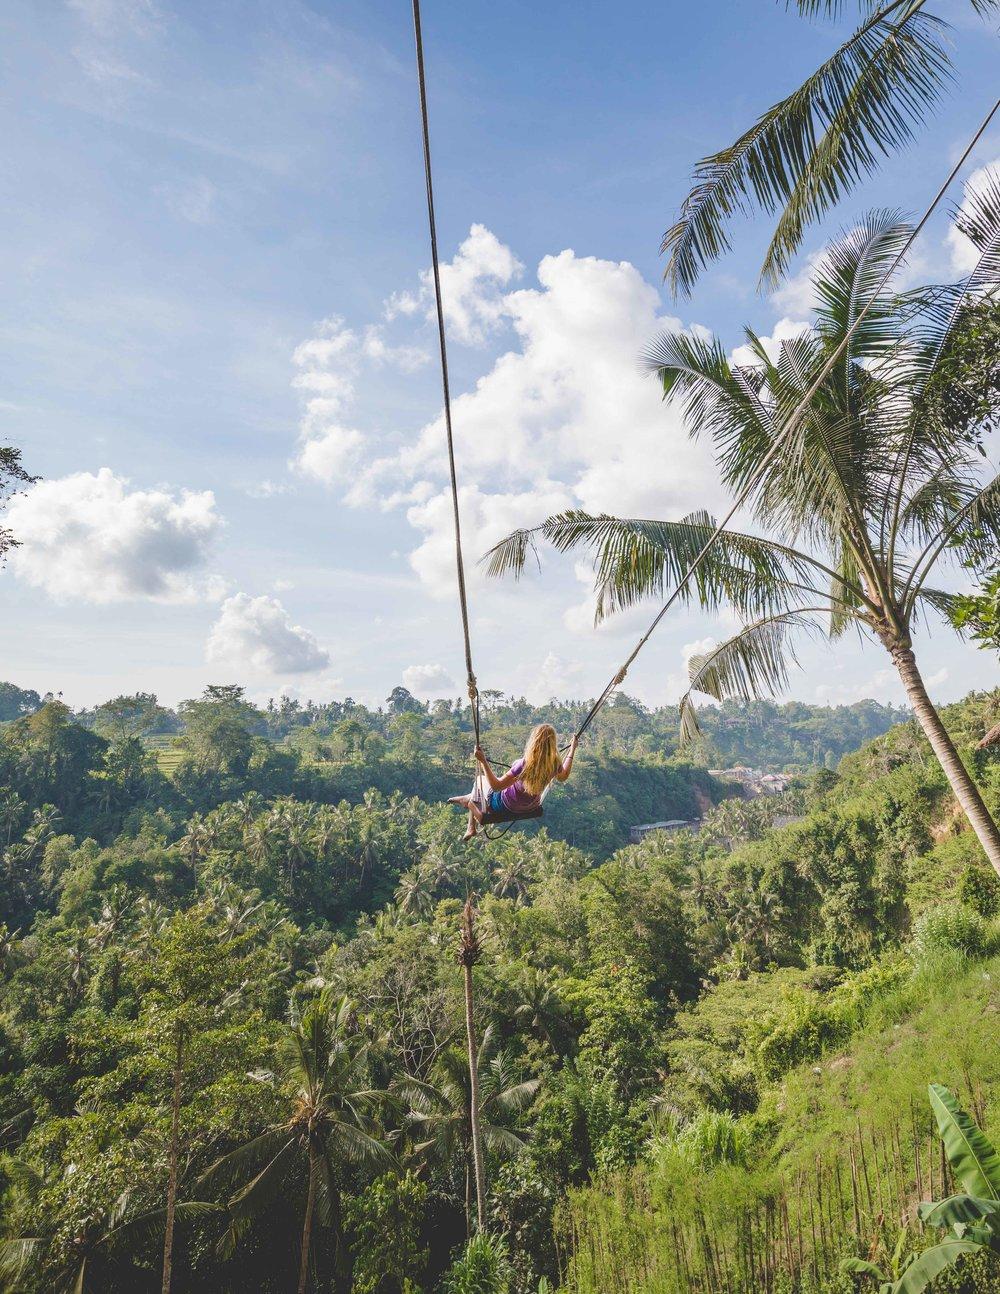 Bali Itinerary 7 days: Bali Swing